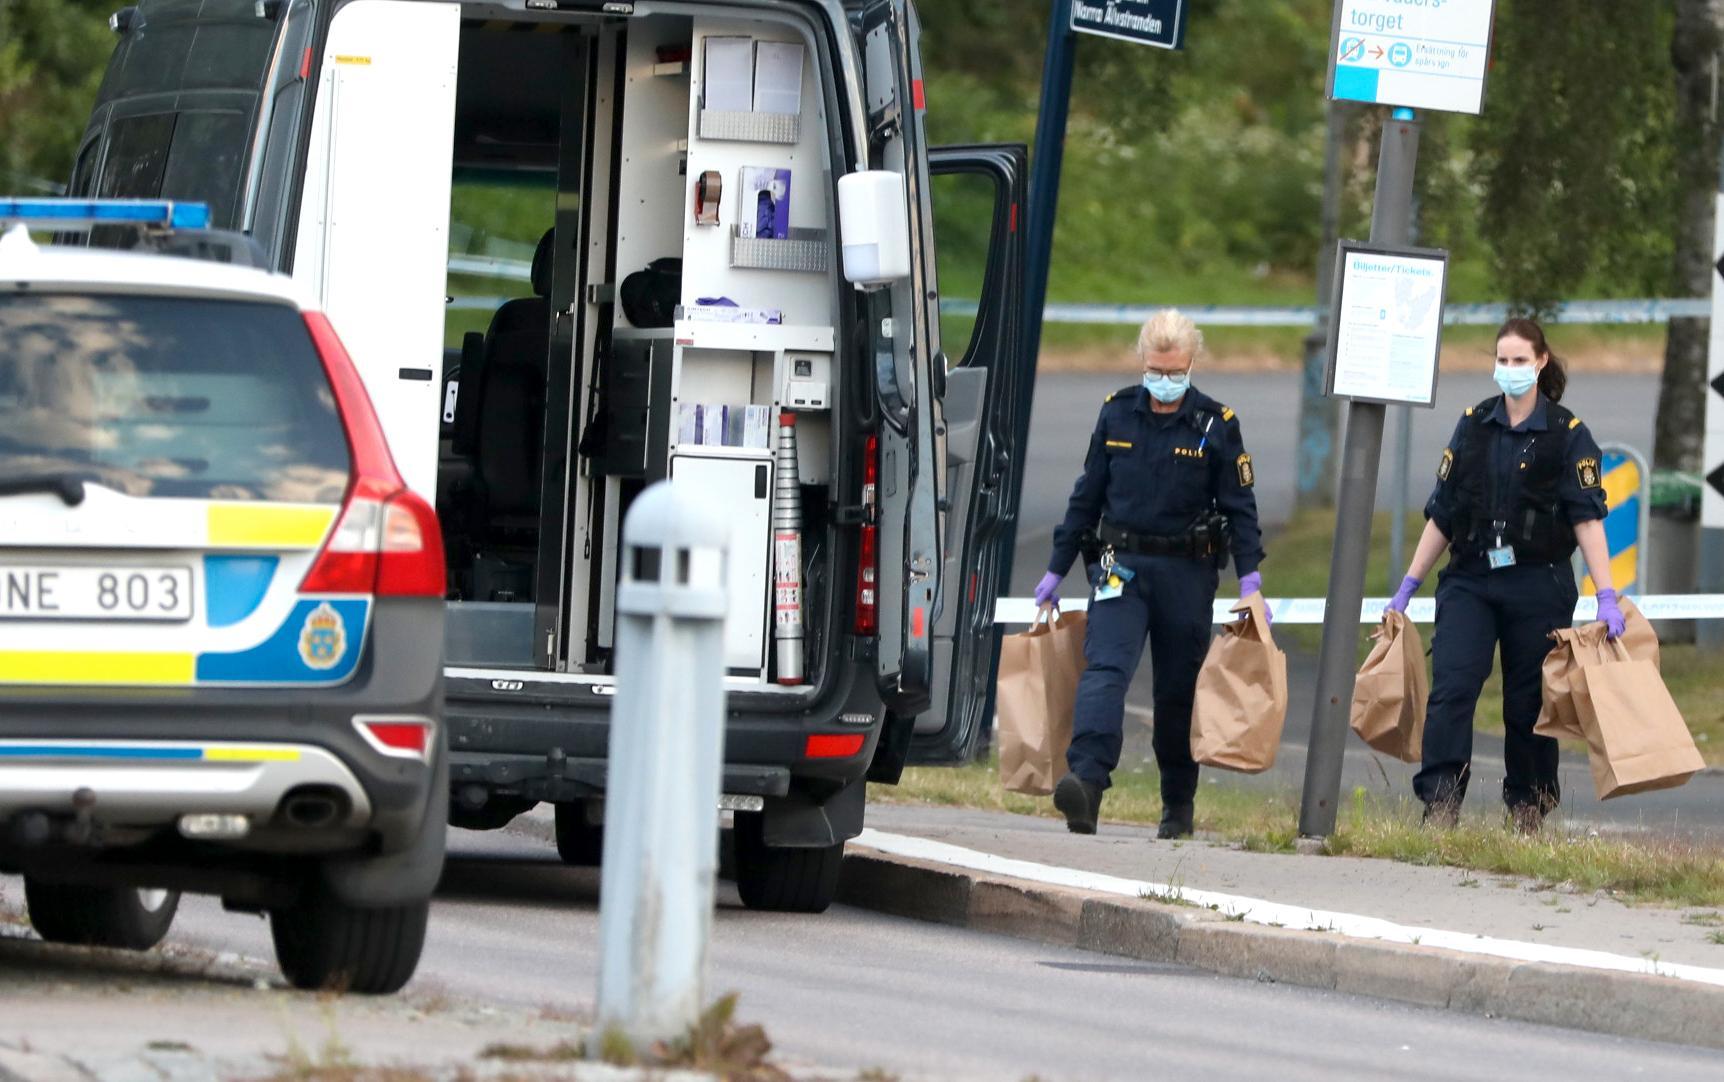 Polistekniker samlar in bevismaterial efter att en polis har blivit skjuten på Hisingen i Göteborg